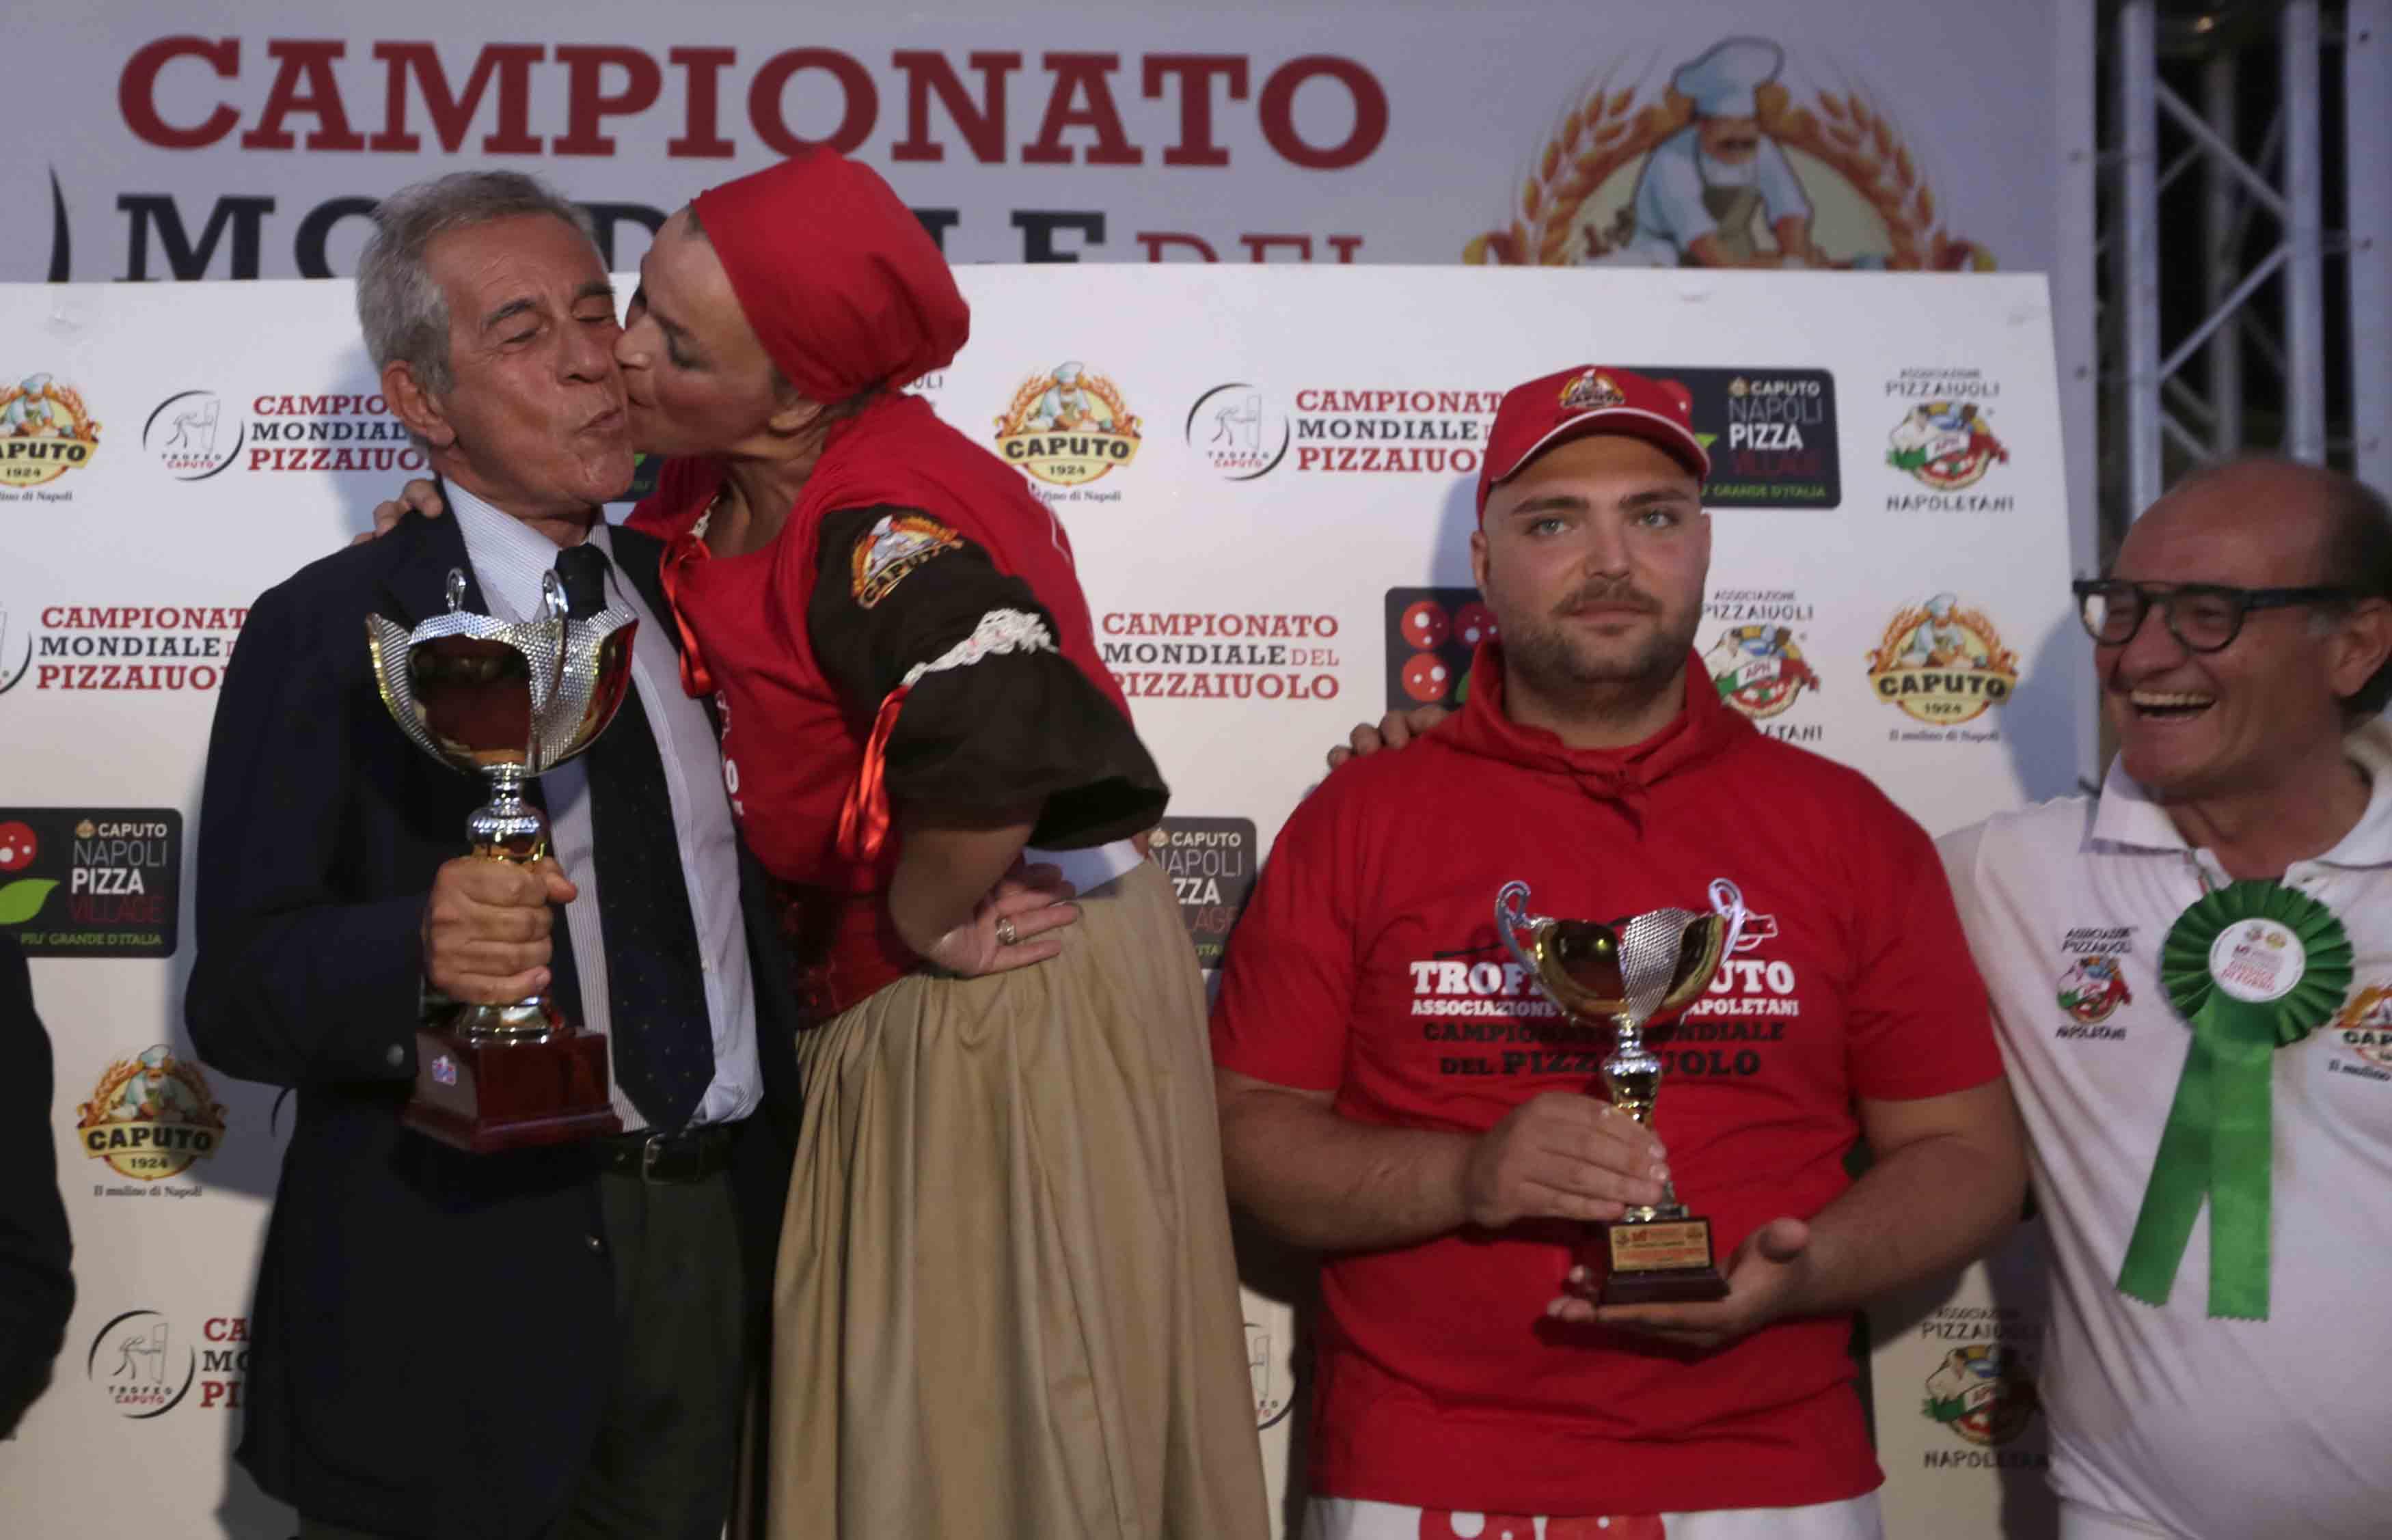 ampione del Mondo Trofeo Caputo Michele Leo